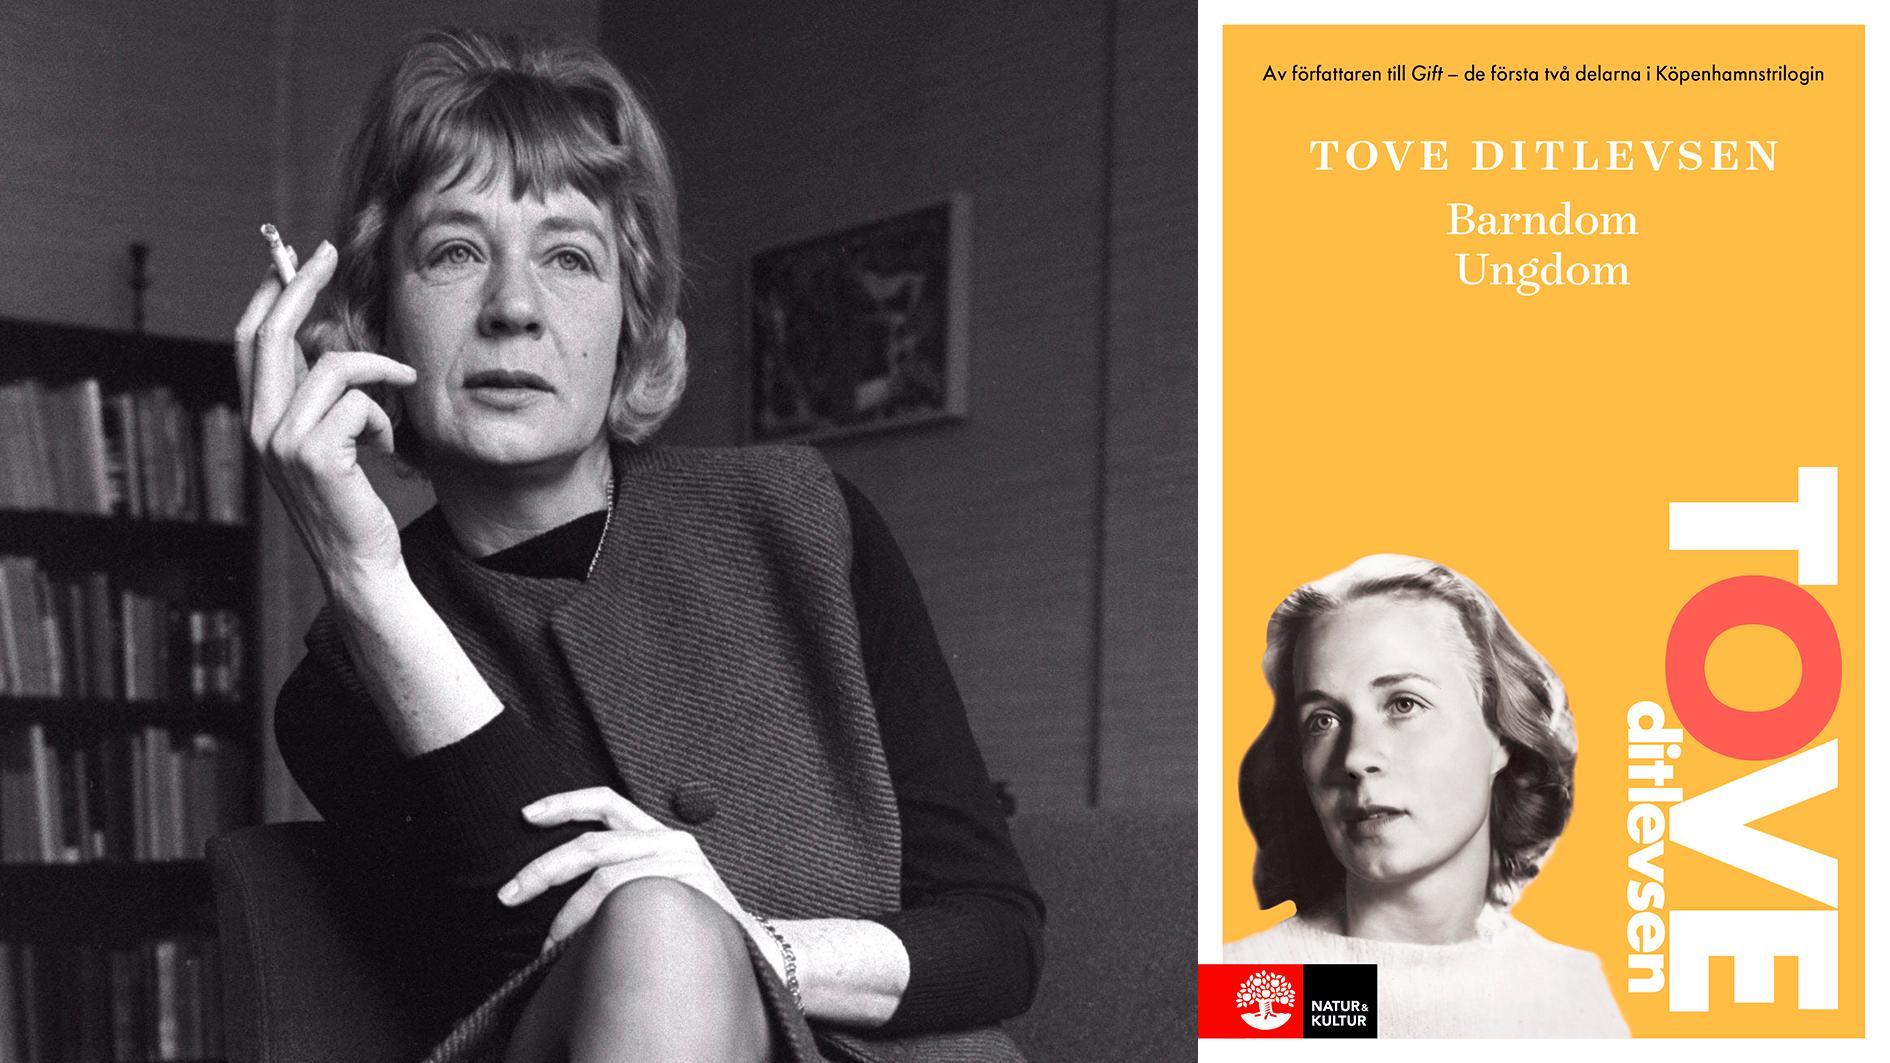 Tove Ditlevsen (1917–1976), dansk författare vars självbiografiska Köpenhamnstrilogi nu finns i sin nyutgiven i sin helhet.